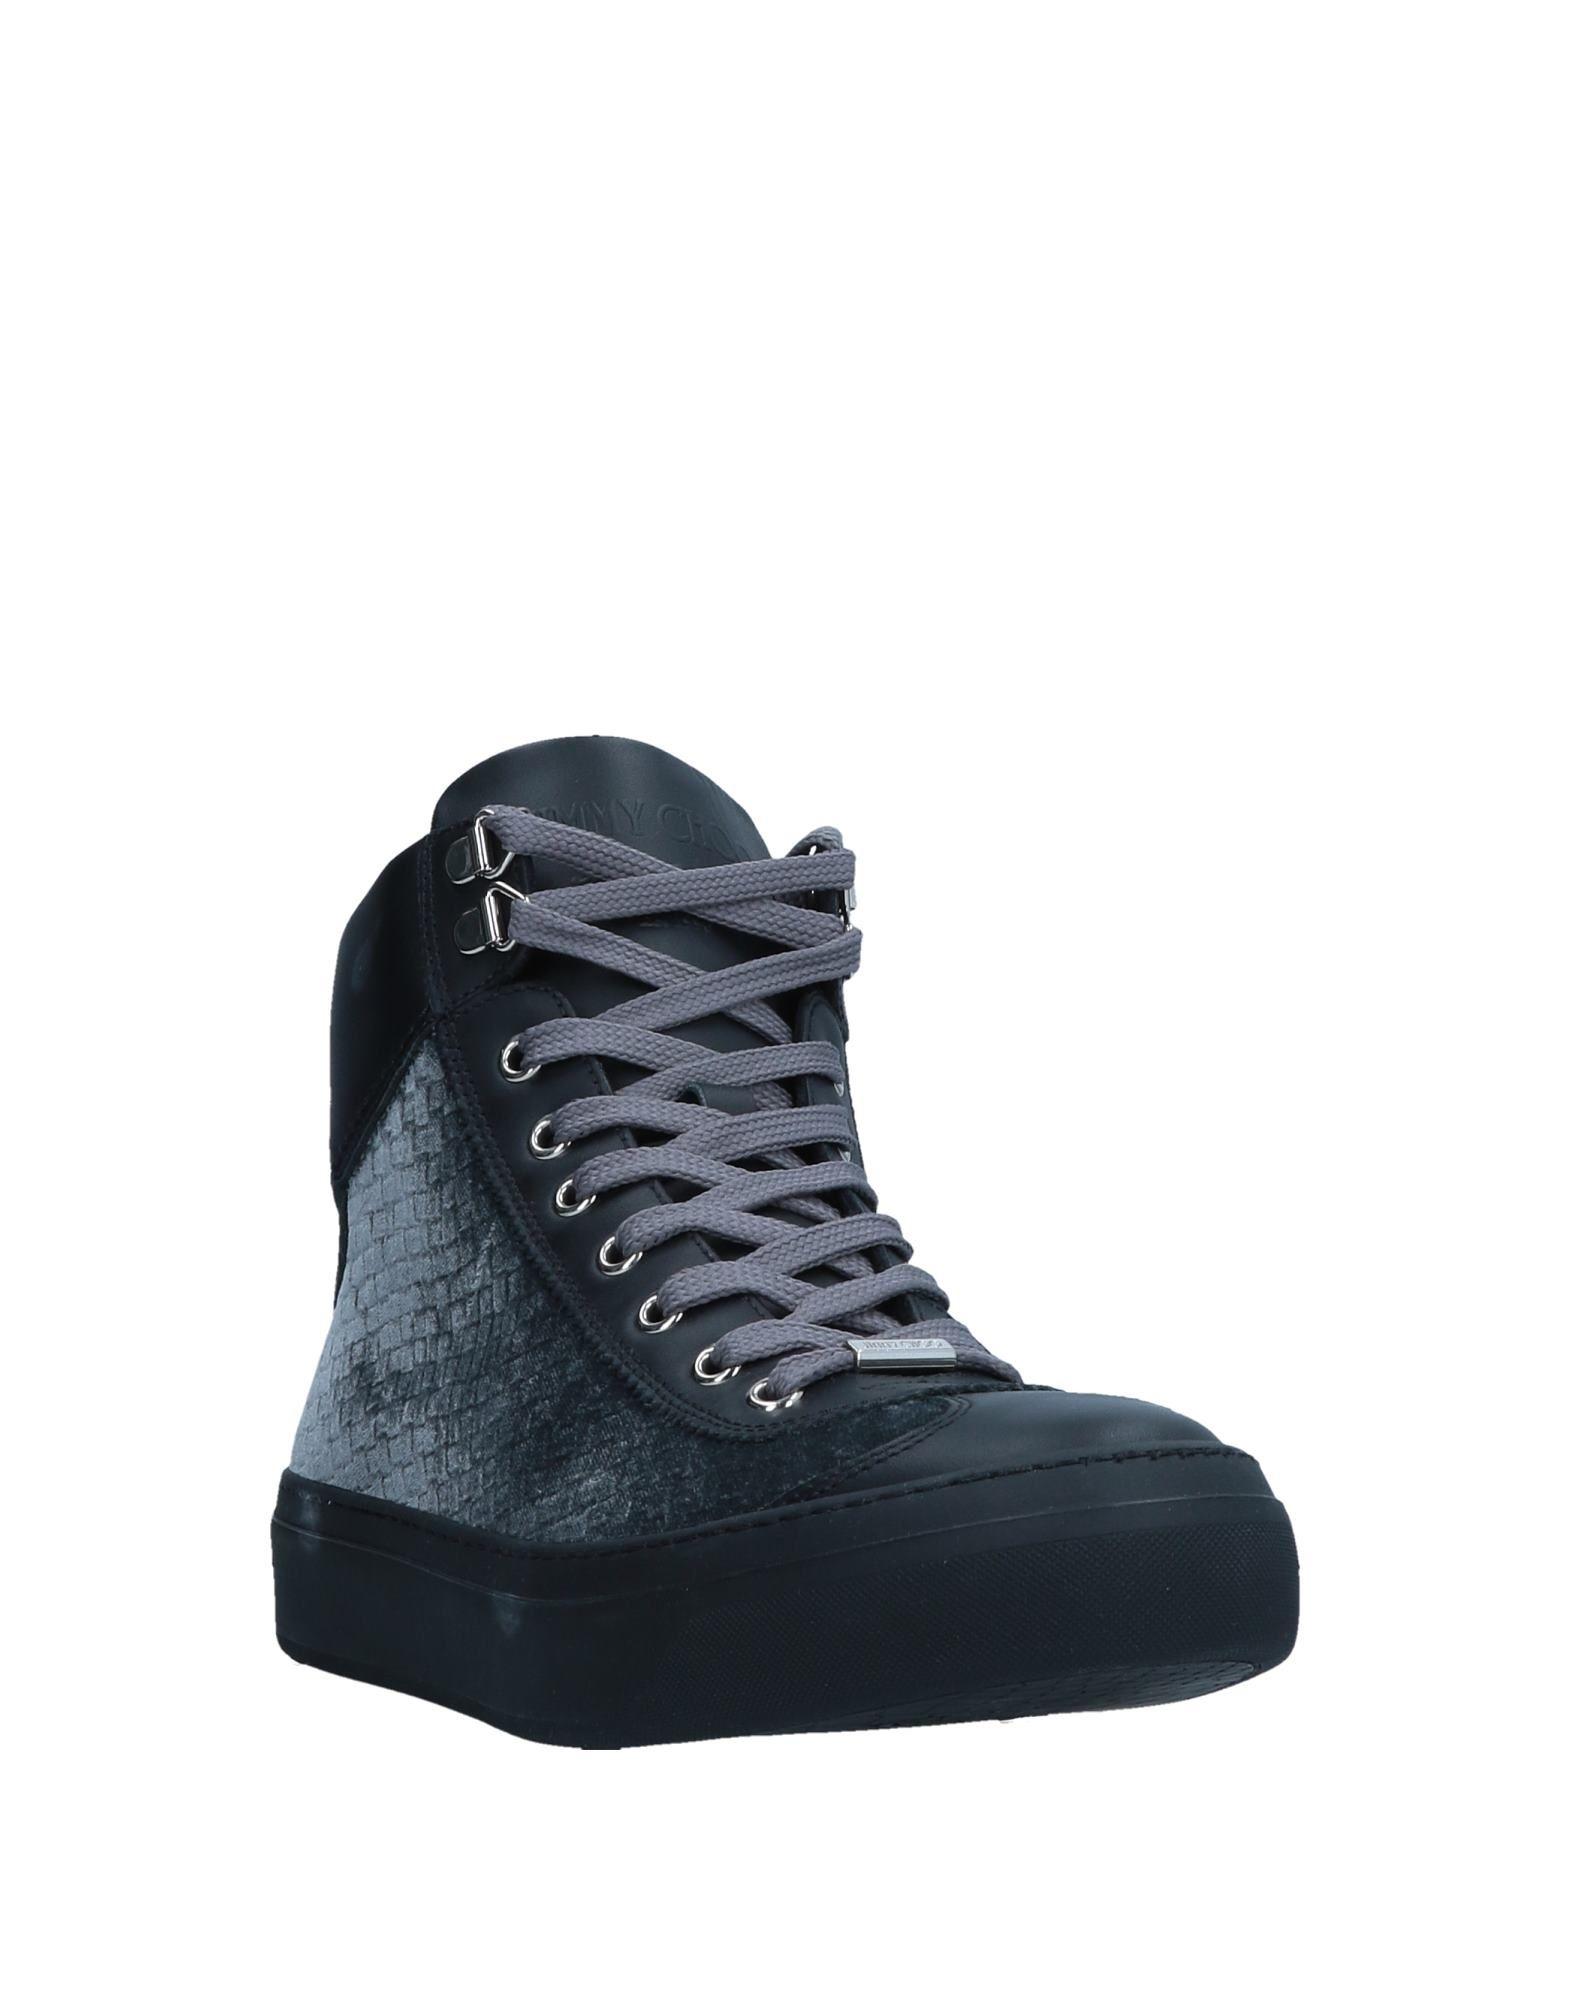 Jimmy Choo Sneakers Herren  Schuhe 11552664QK Gute Qualität beliebte Schuhe  c2fdb7